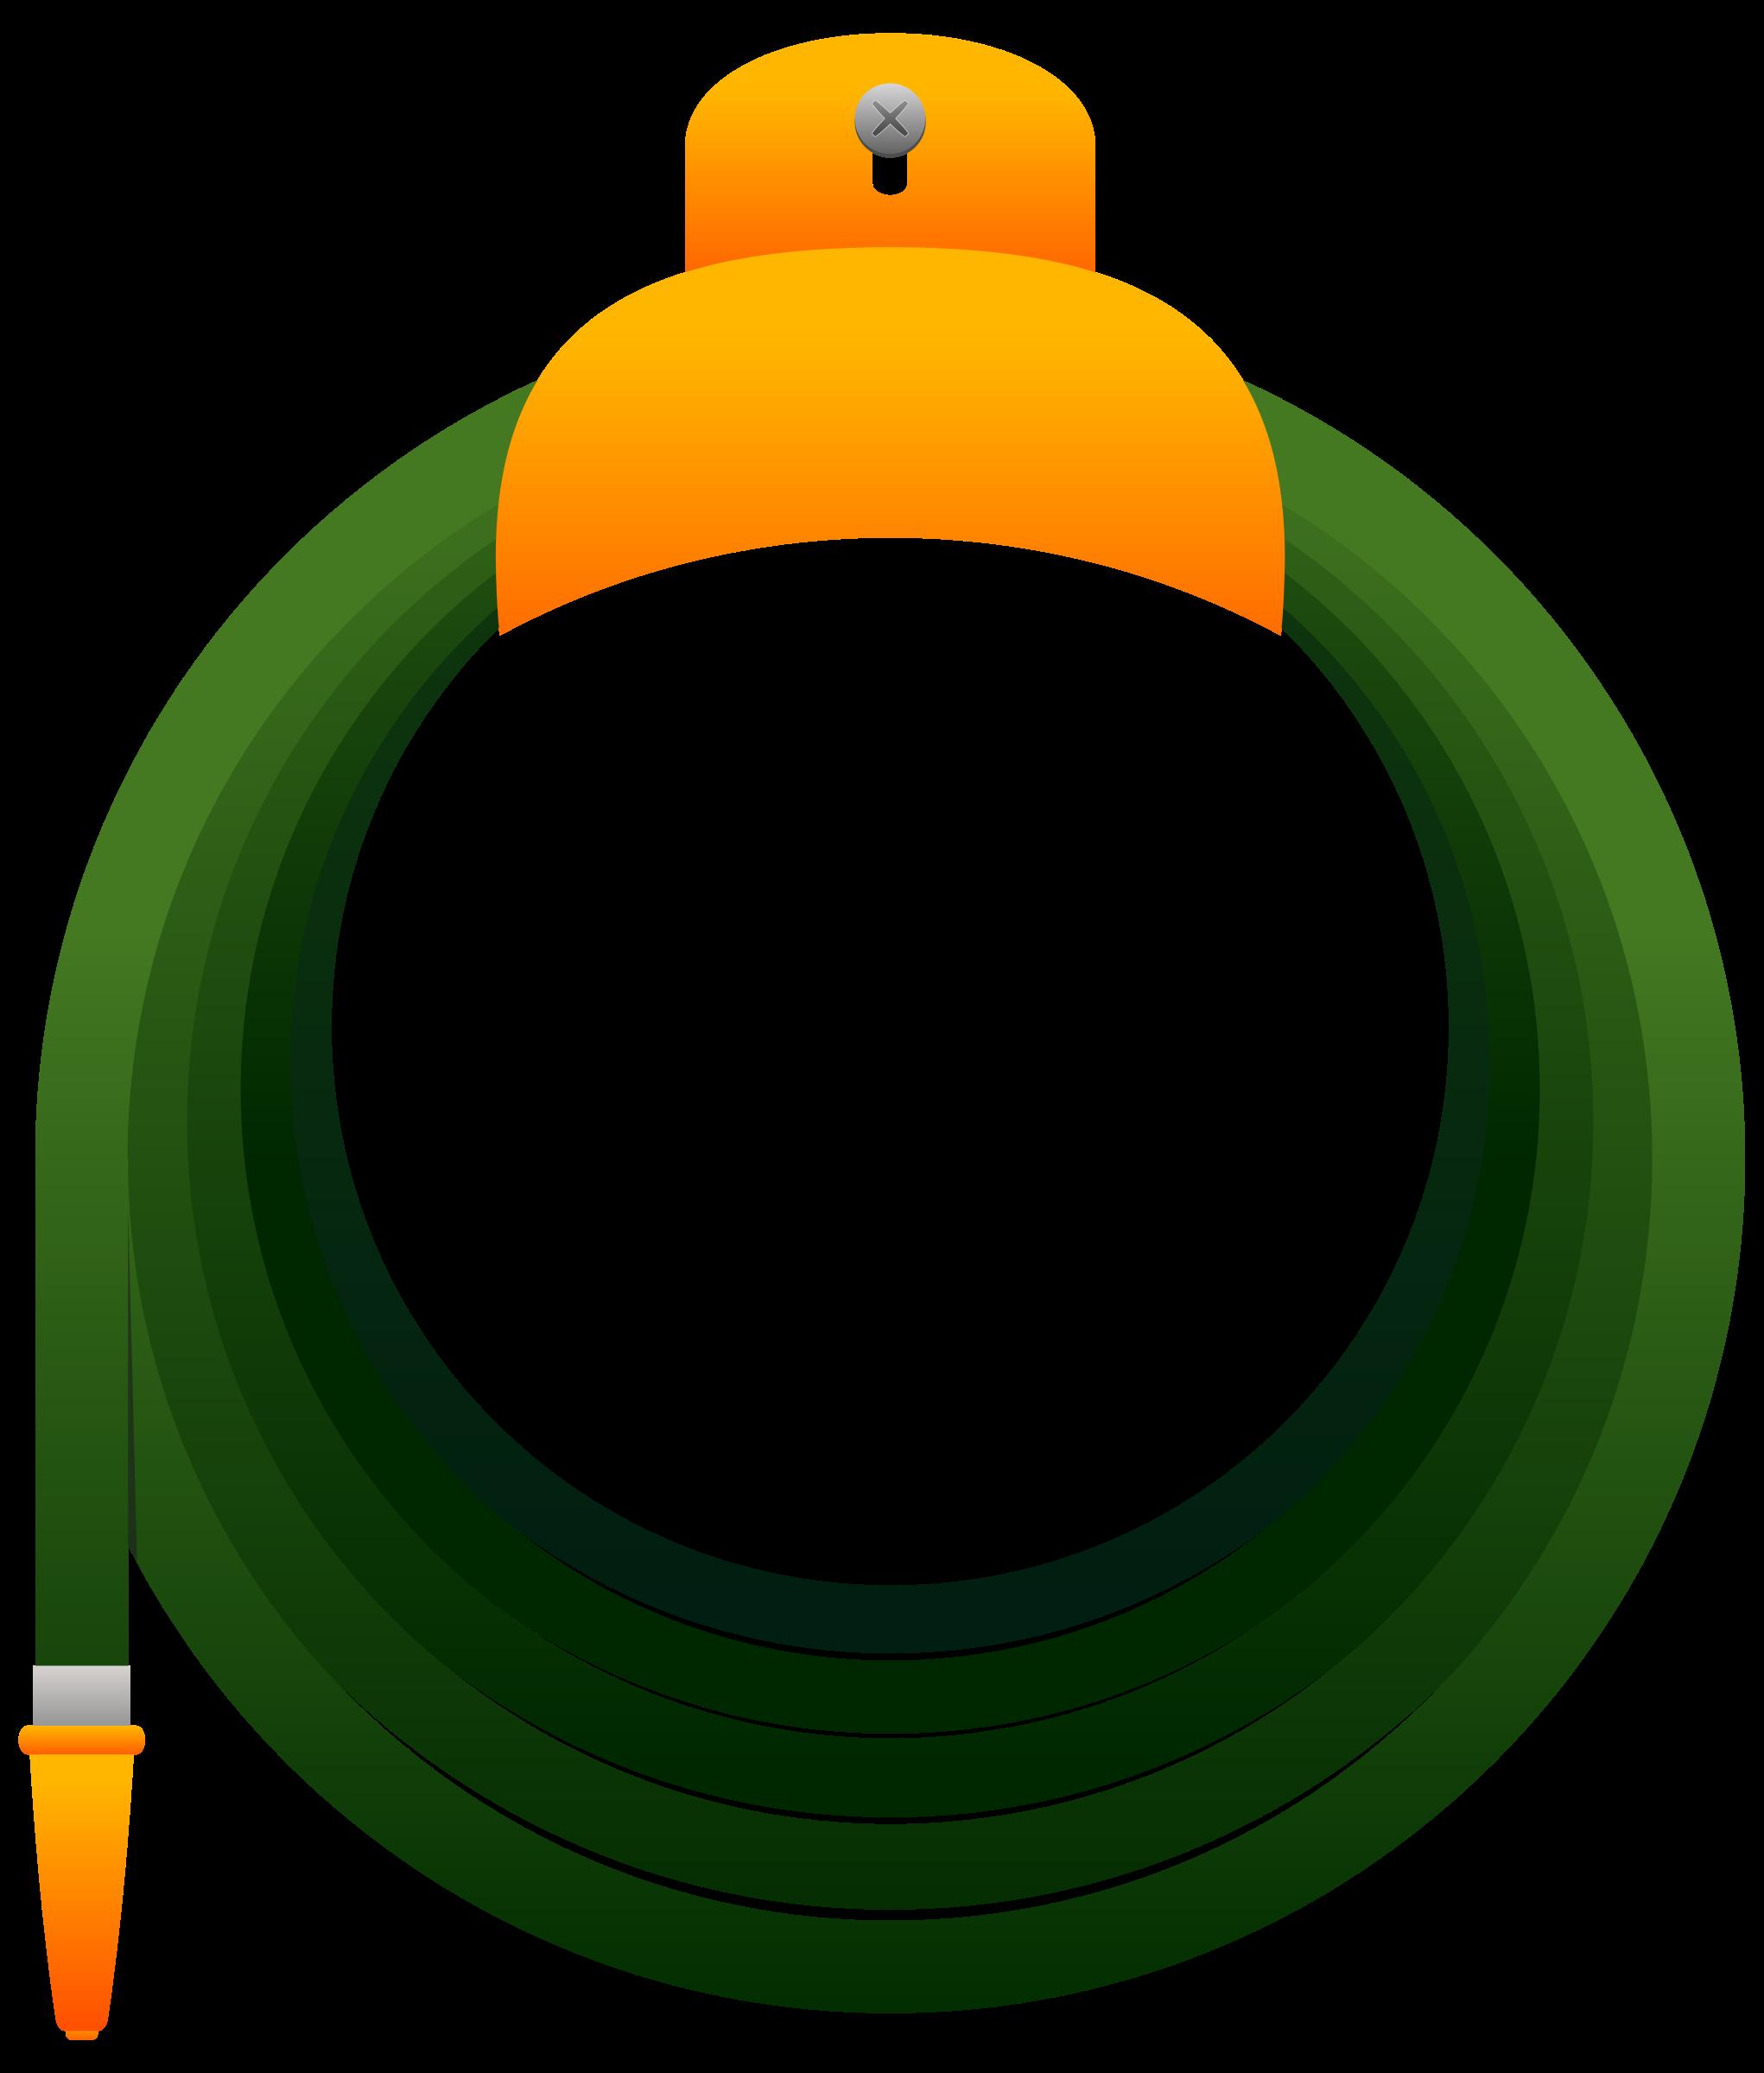 Clipart garden hose.